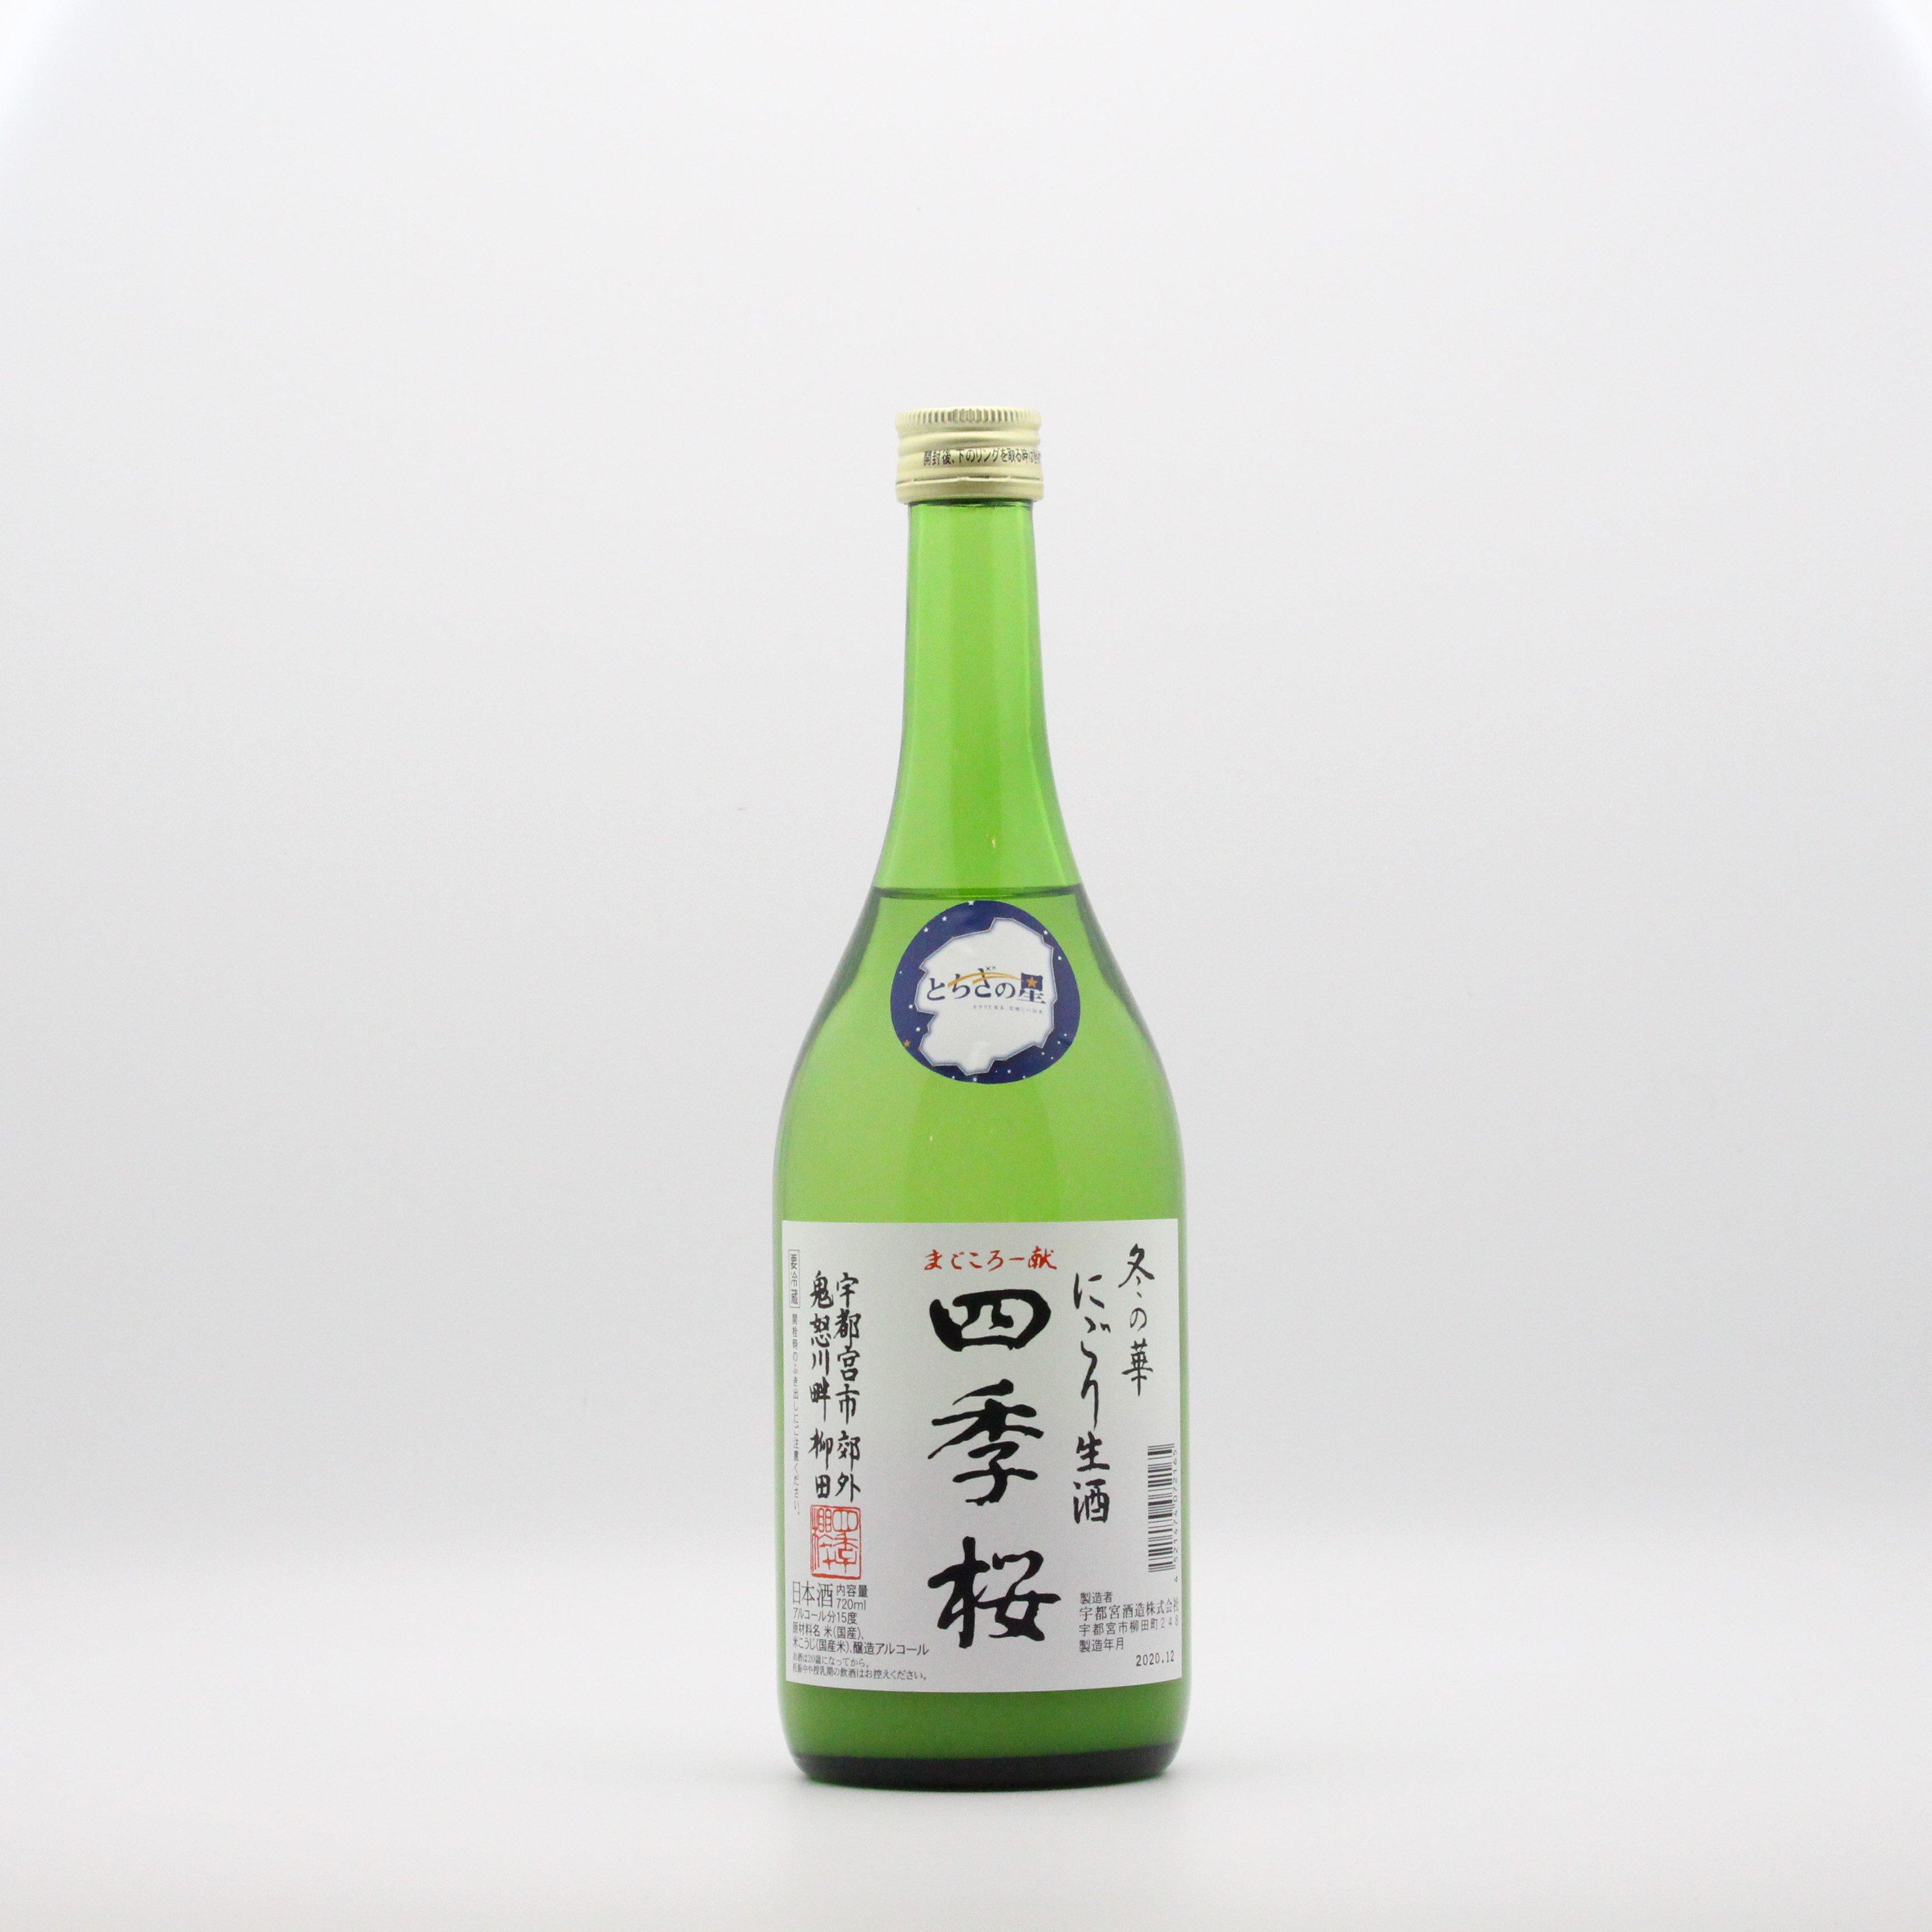 宇都宮酒造/冬の華 にごり生酒 720ml